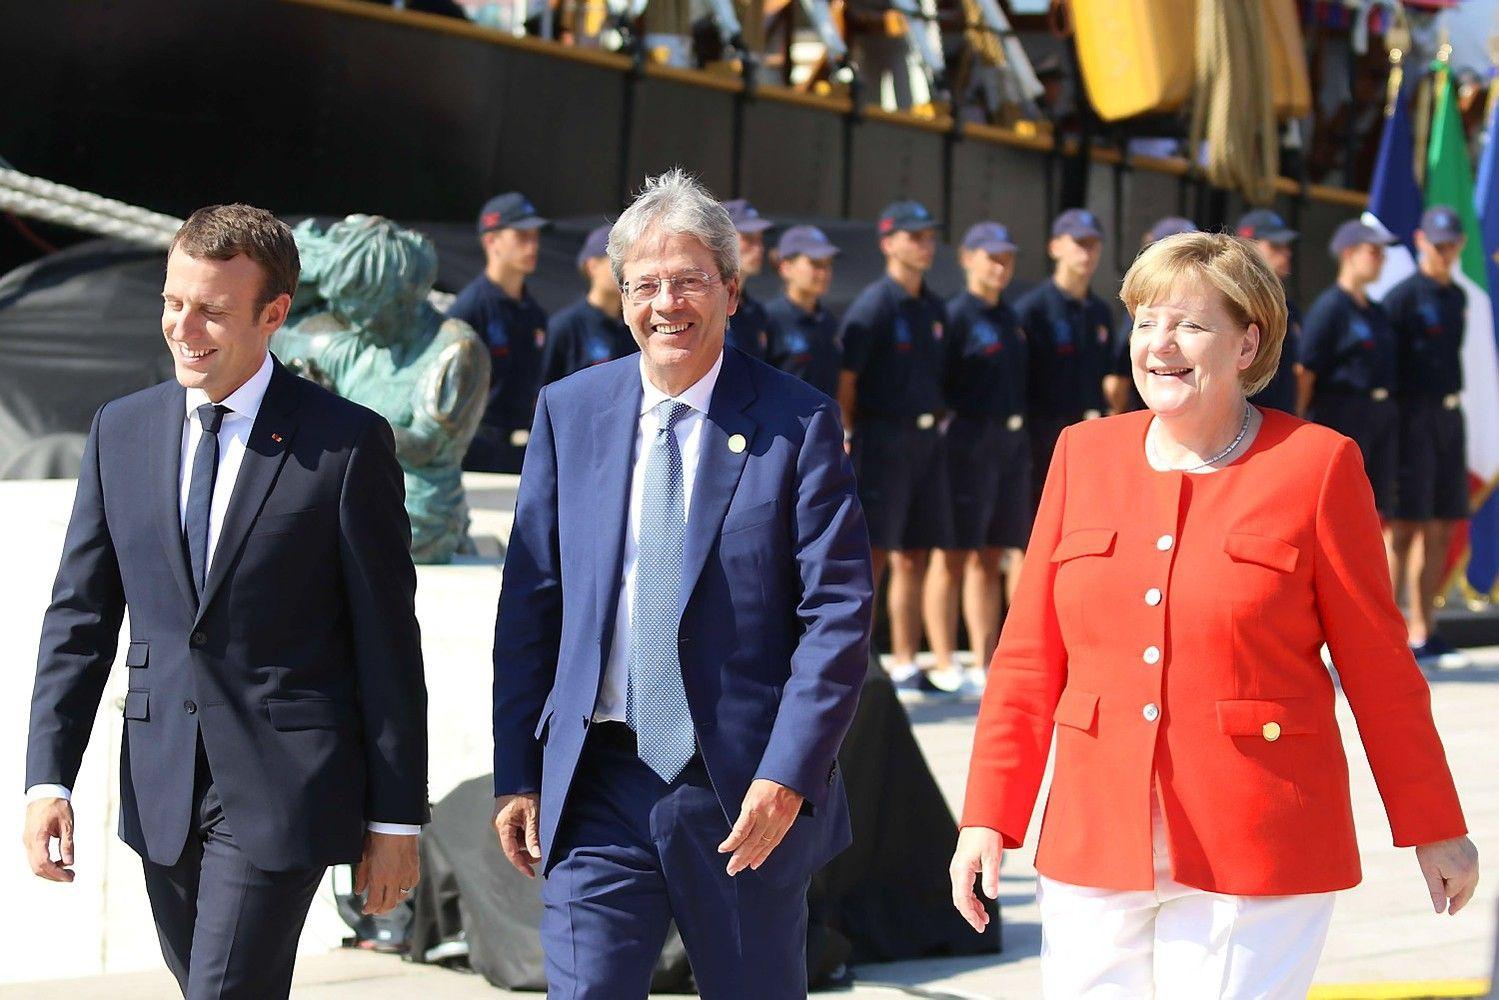 ES lyderiai nesuteikė Balkanų valstybėms daug vilčių